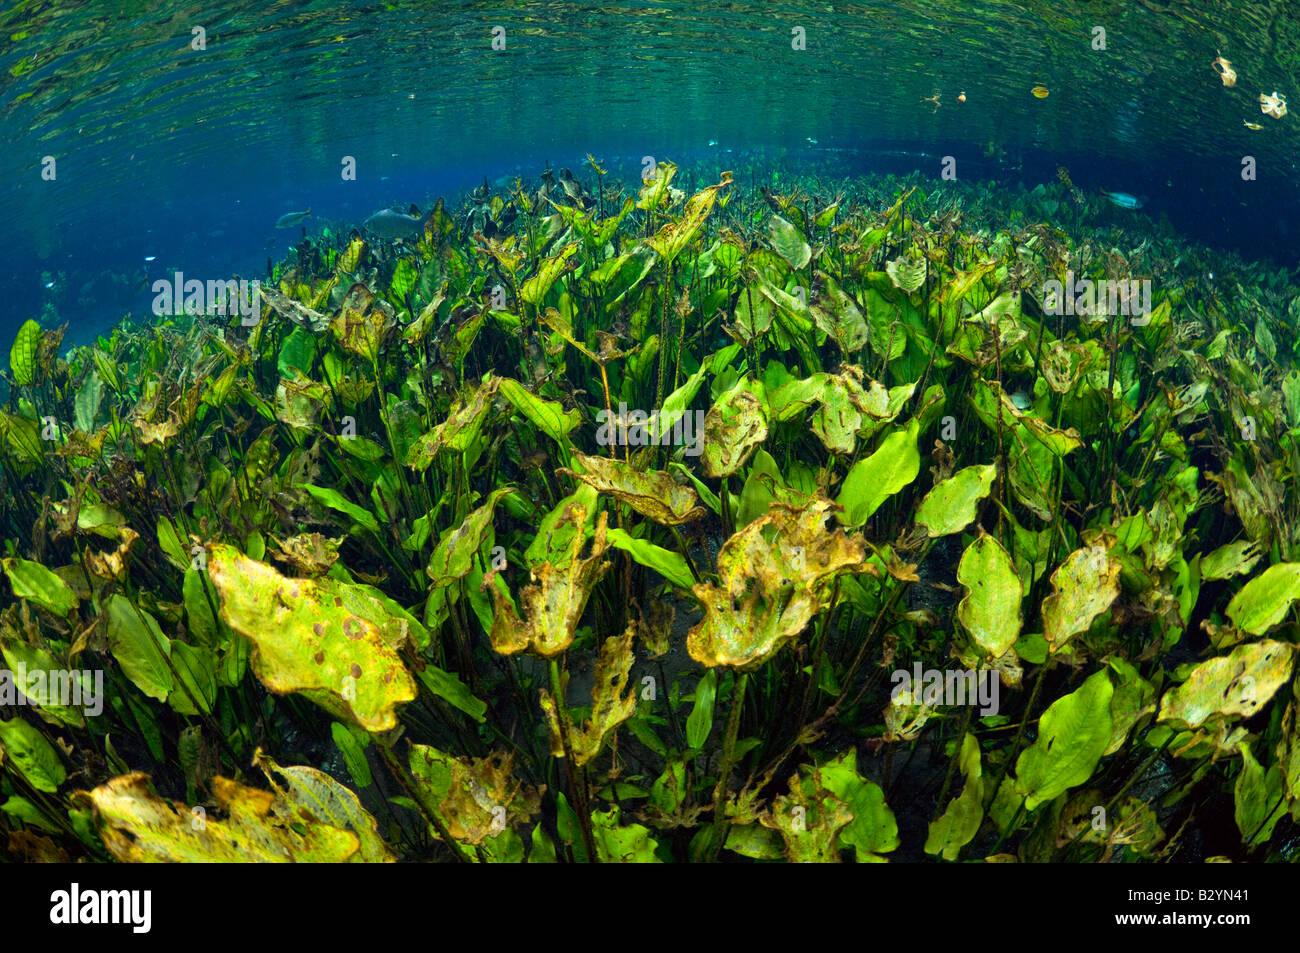 Il sottobosco ricco di foglie di piantaggine acqua Echinodorus macrophyllus fotografato in una molla nel Mato Grosso Immagini Stock